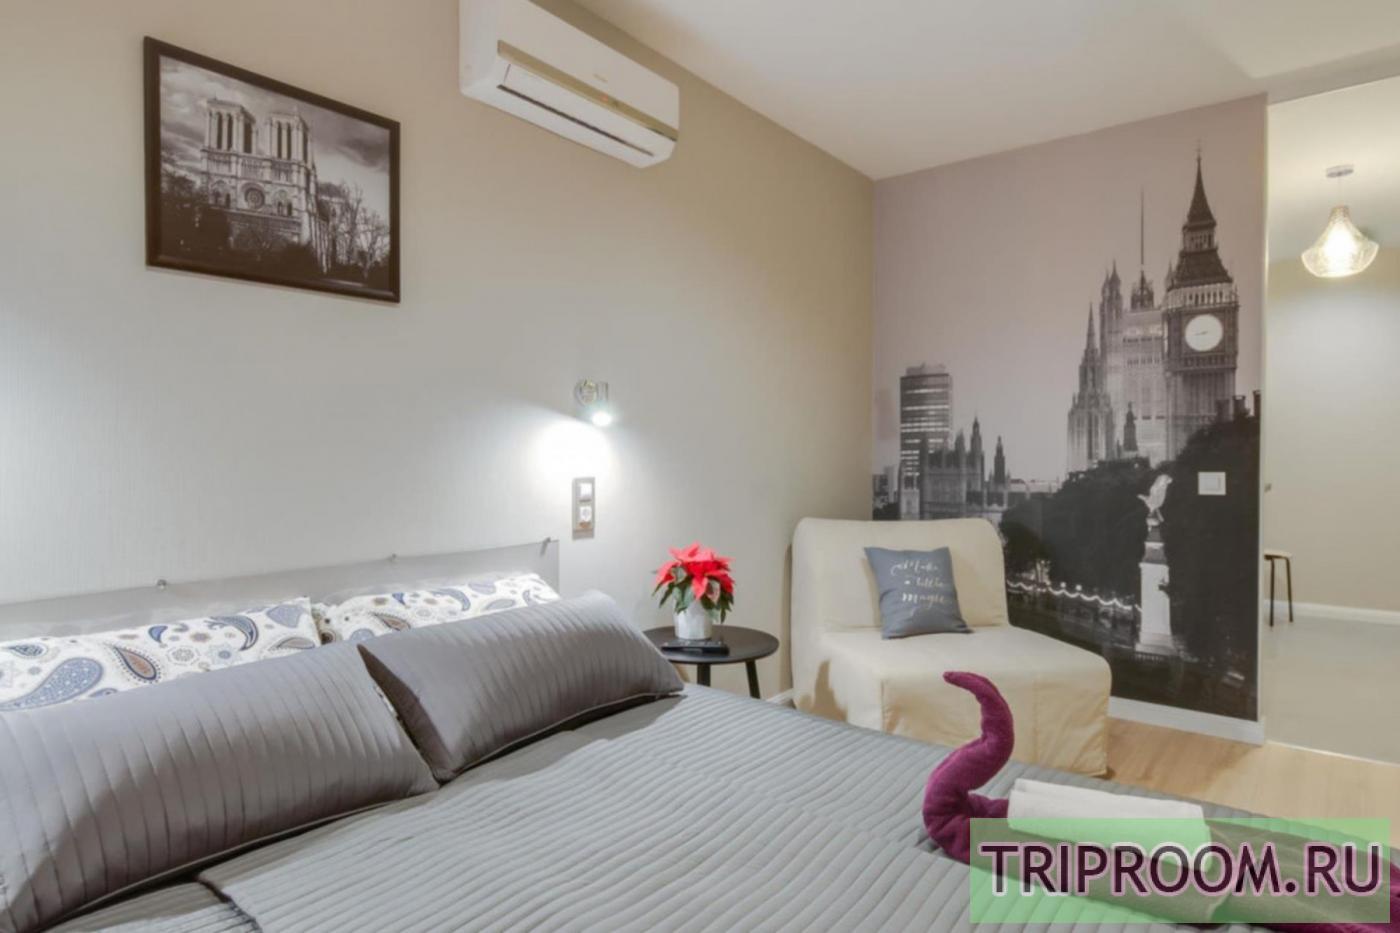 1-комнатная квартира посуточно (вариант № 33134), ул. Большая Садовая ул, фото № 5